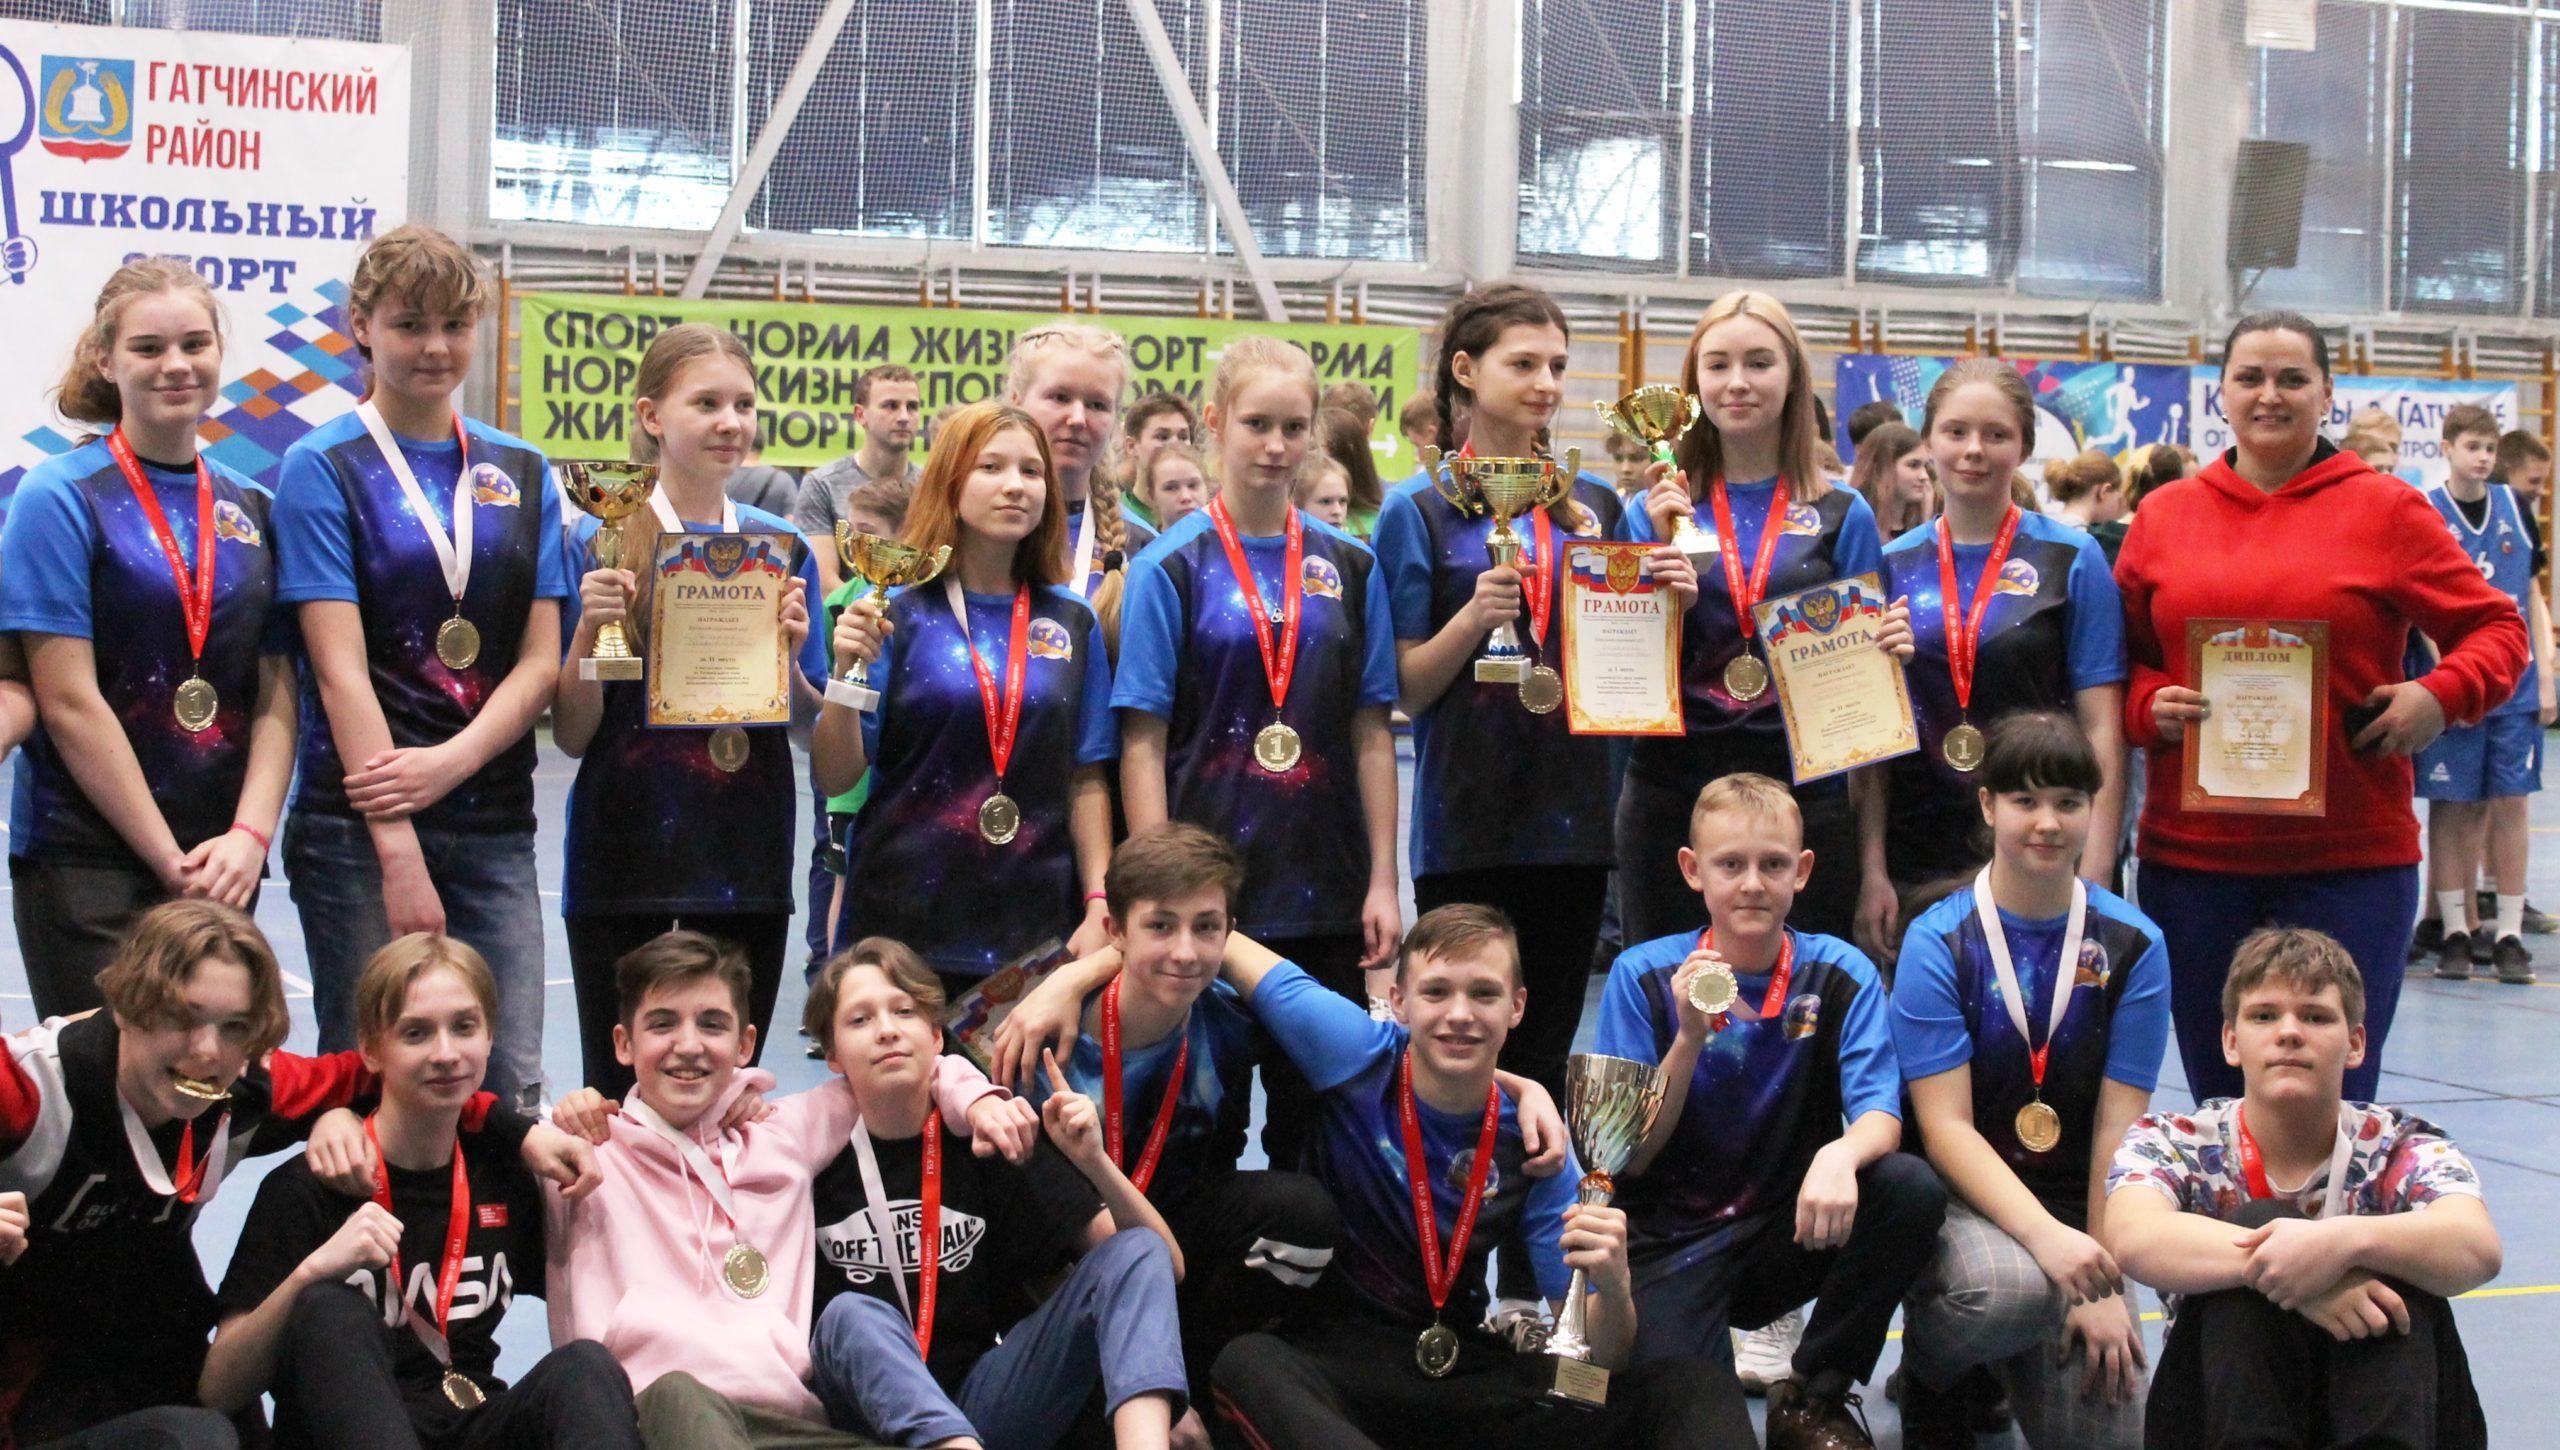 Региональный этап Всероссийских спортивных игр школьных спортивных клубов